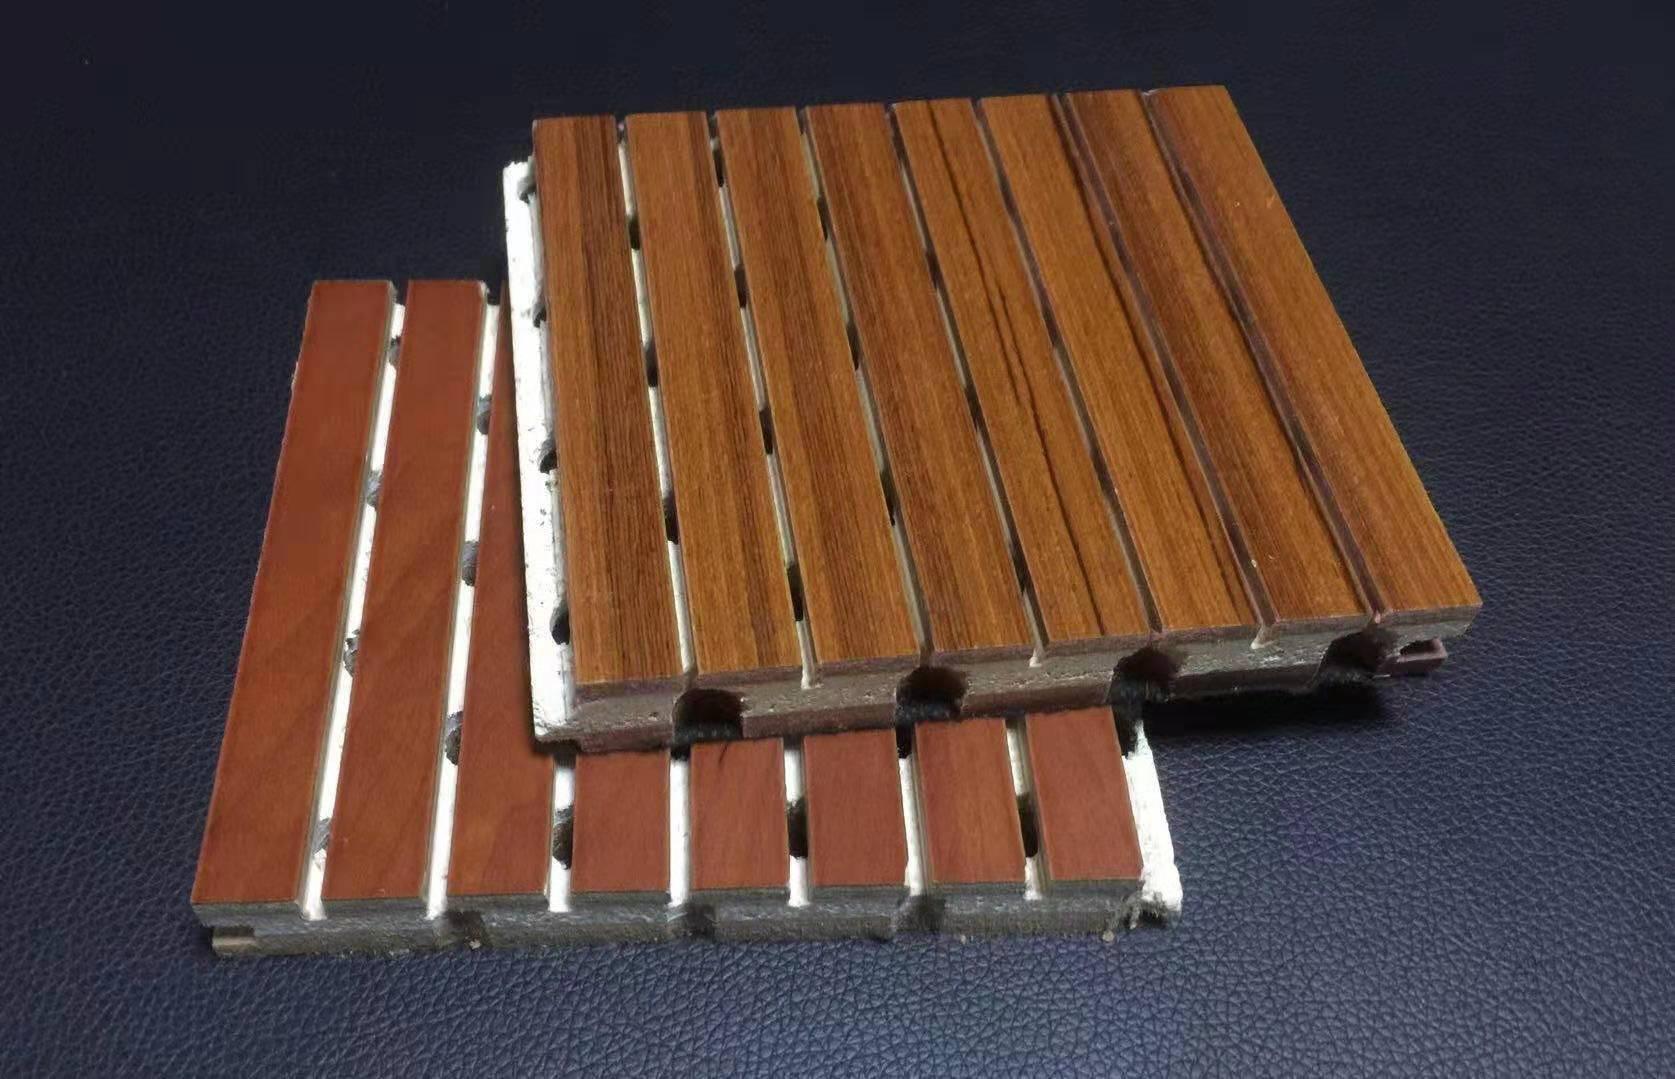 装饰冰火板生产厂家_建筑、建材厂家-广州市欧宁建材科技有限公司